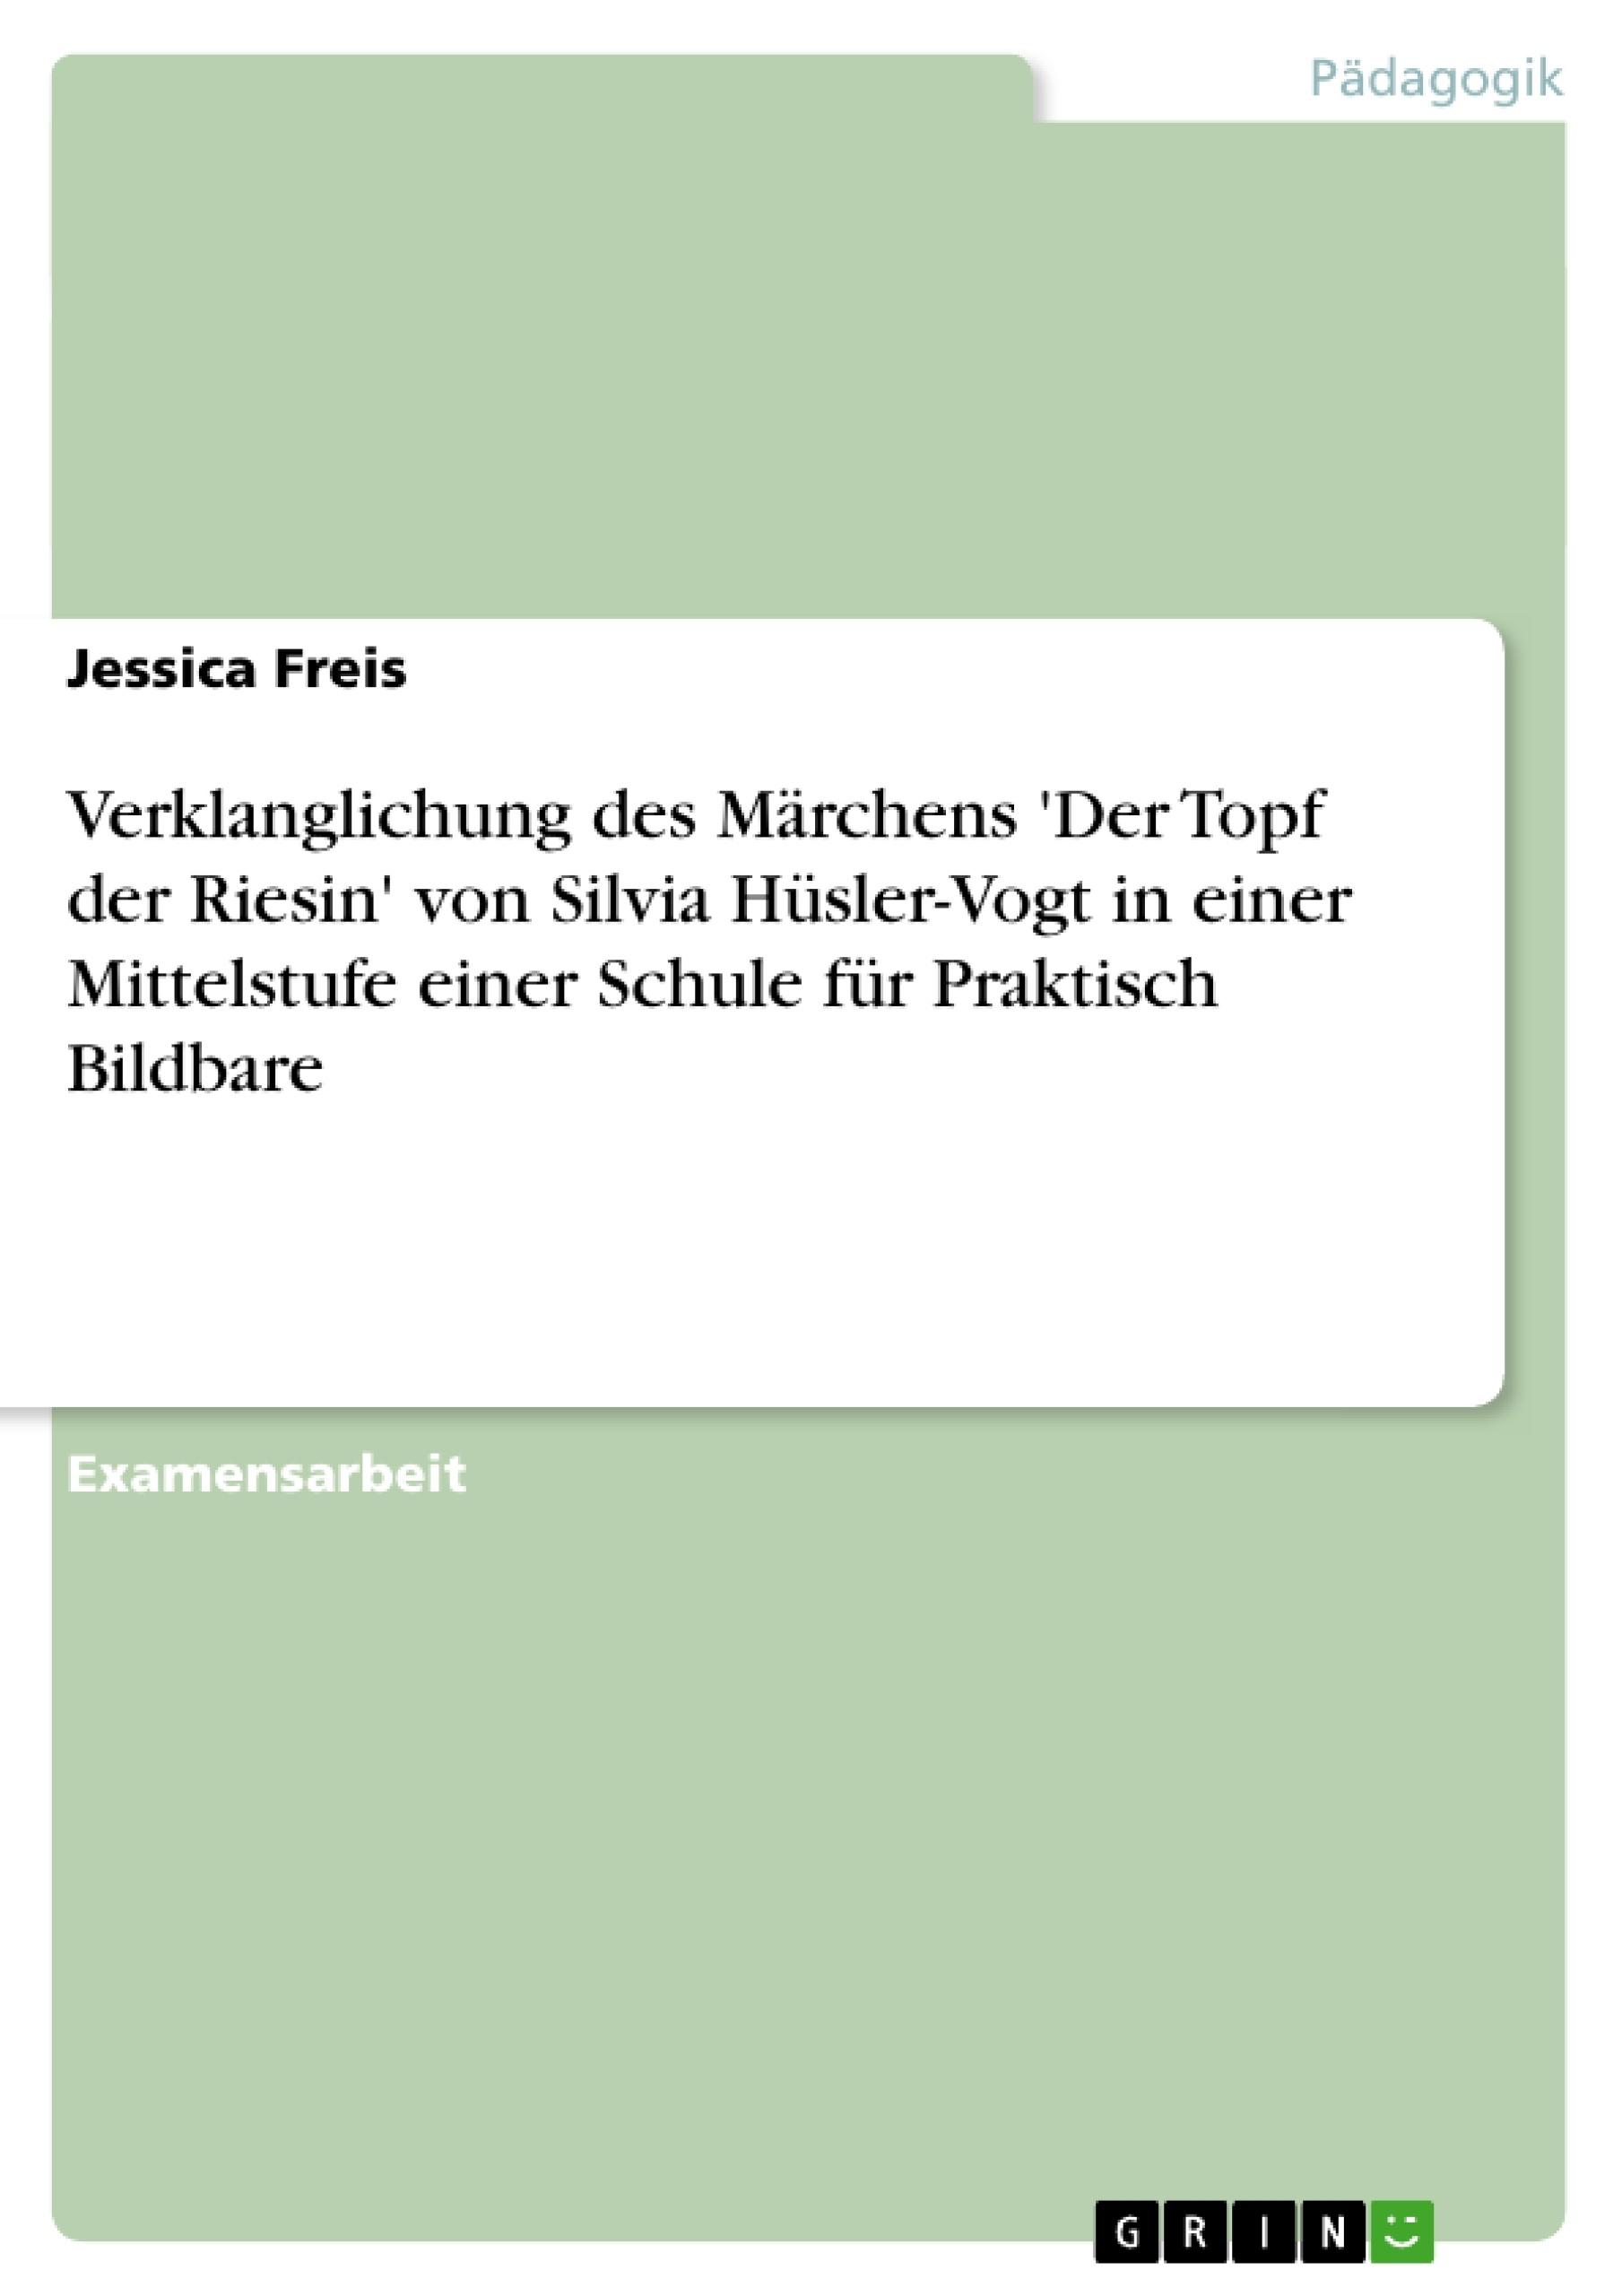 Titel: Verklanglichung des Märchens 'Der Topf der Riesin' von Silvia Hüsler-Vogt in einer Mittelstufe einer Schule für Praktisch Bildbare